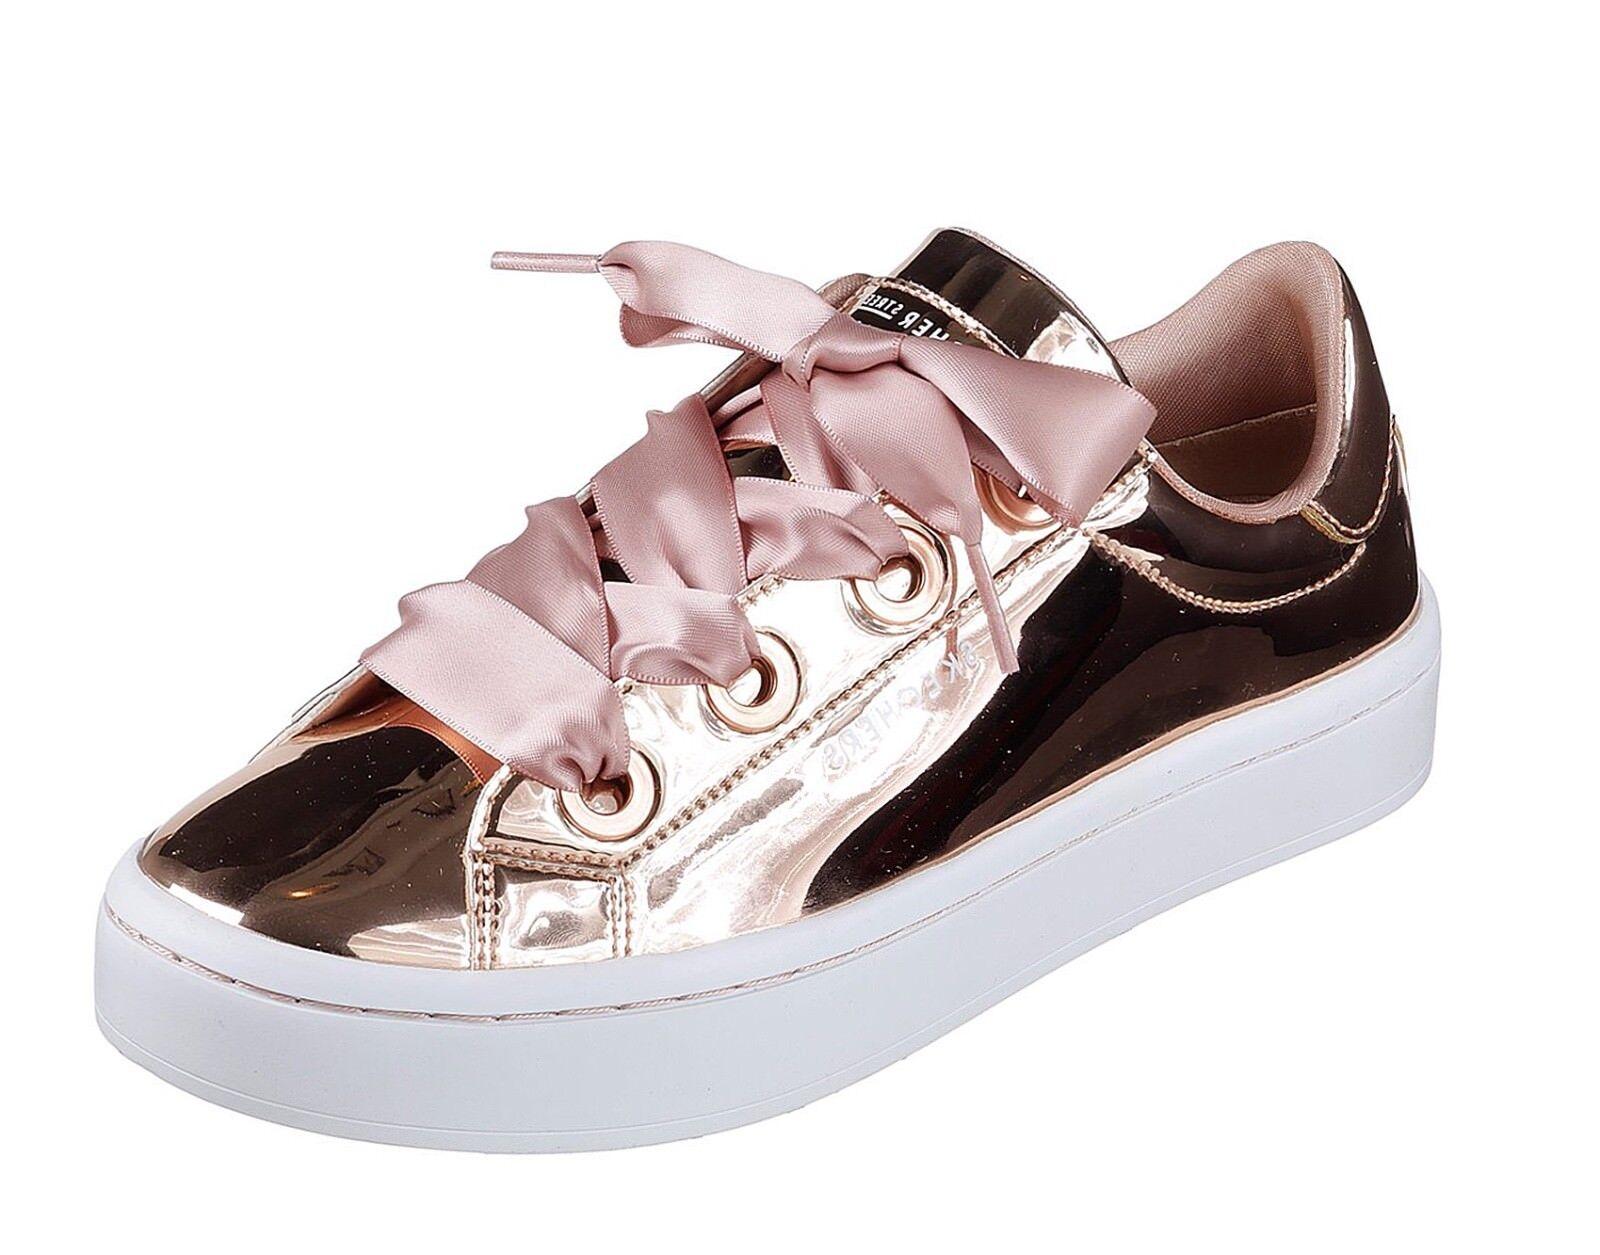 Skechers Street Nuevo HI LITES Líquido Metálico Bling Oro Rosa Zapatillas Zapatillas Rosa Tallas 3-8 820f74